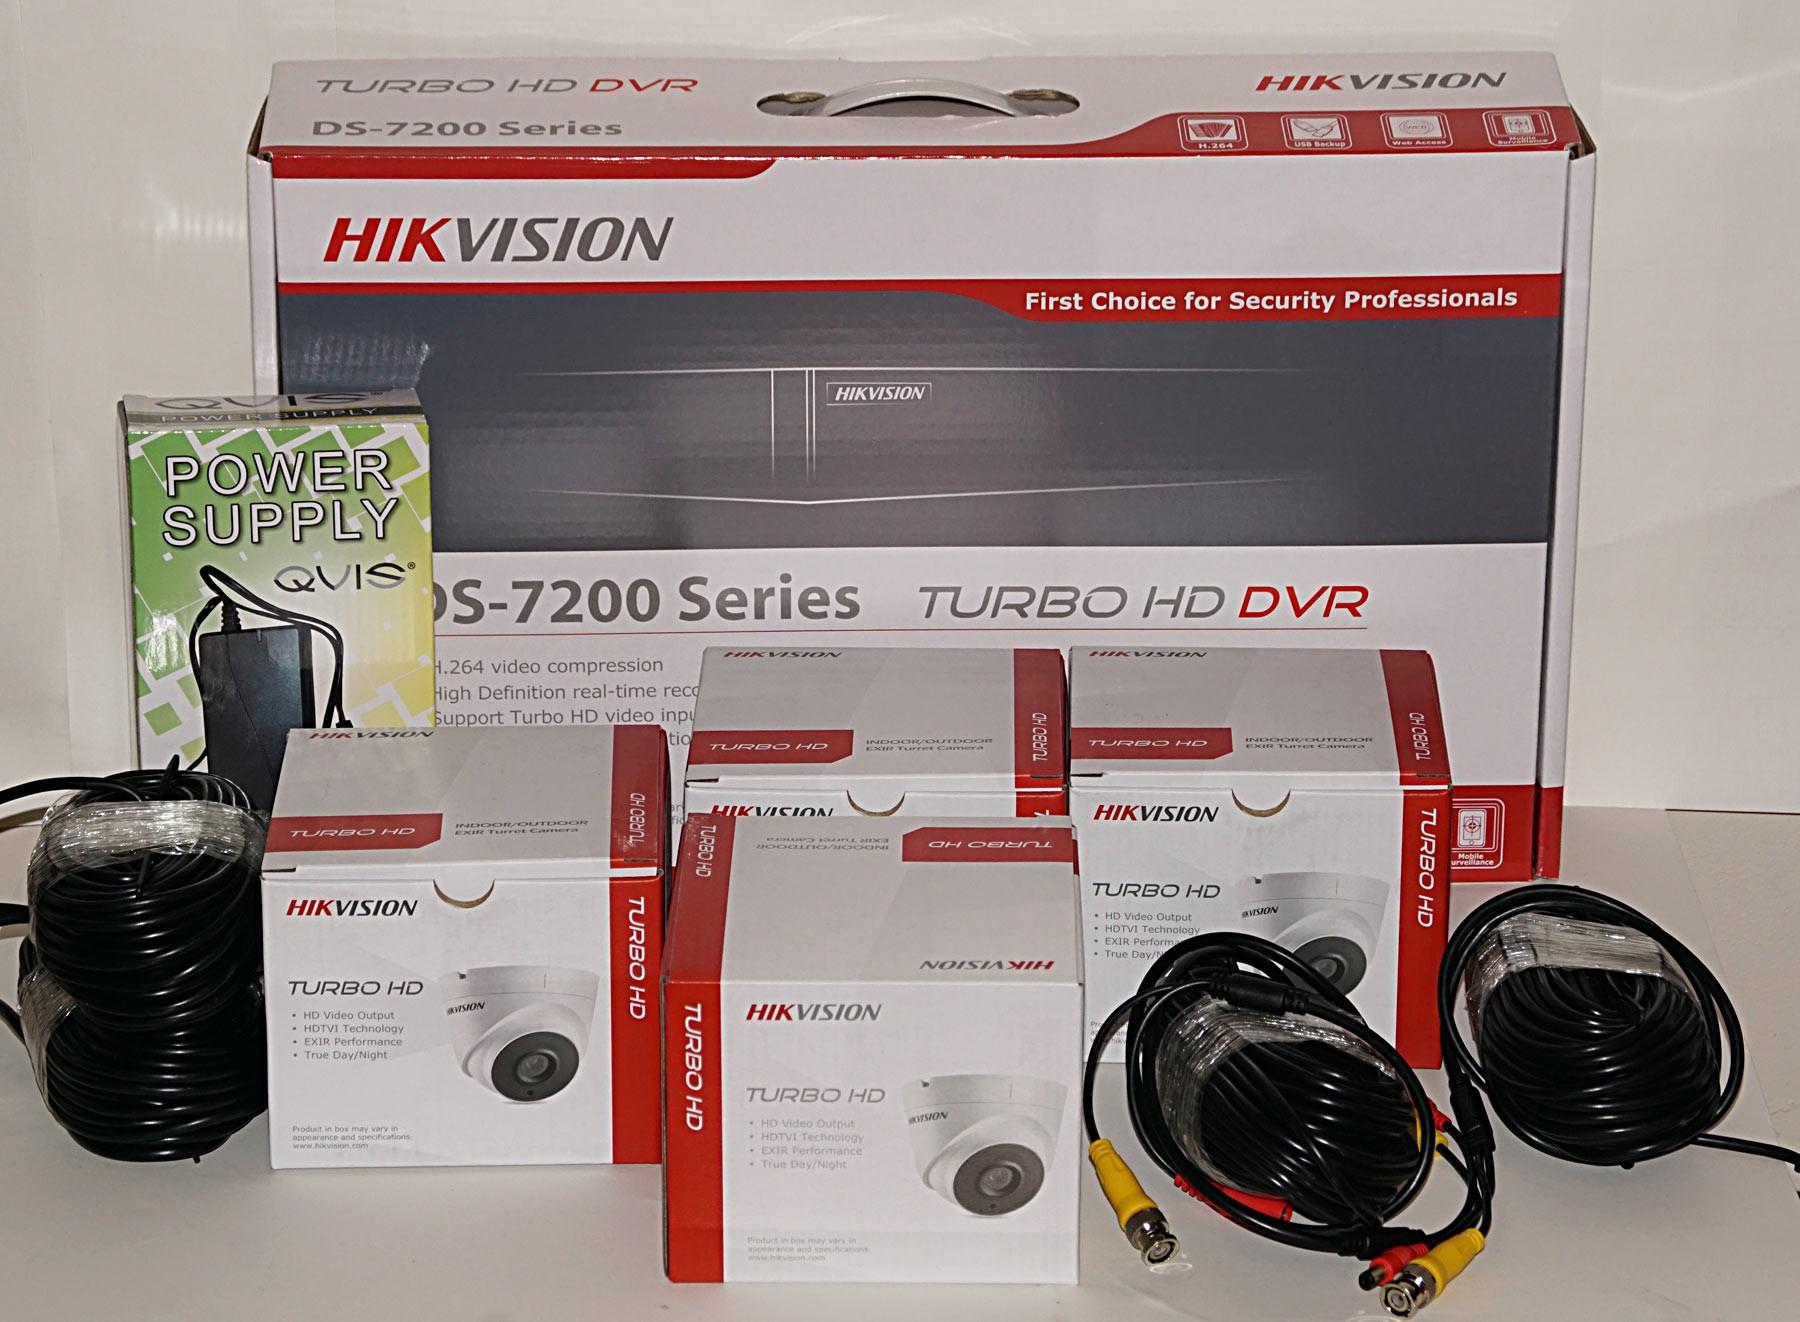 hikvision cctv kit  super sharp images  fantastic